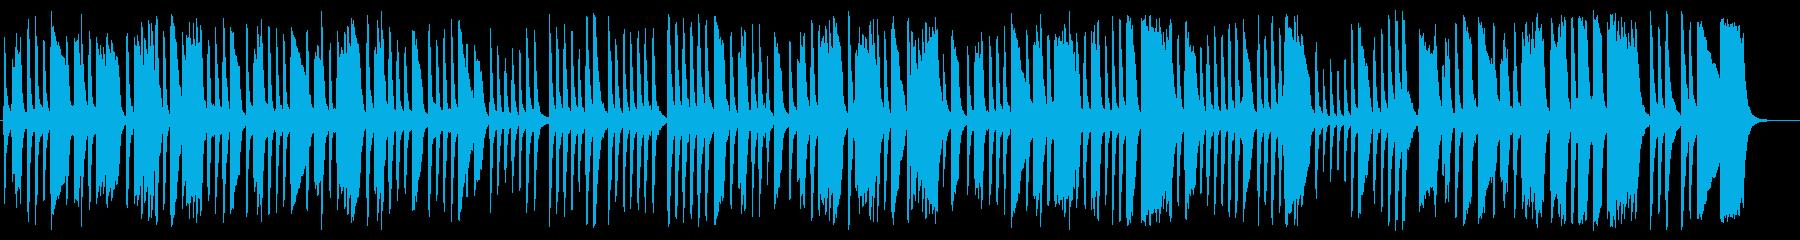 心躍る軽快でクラシカルなピアノソロ曲の再生済みの波形